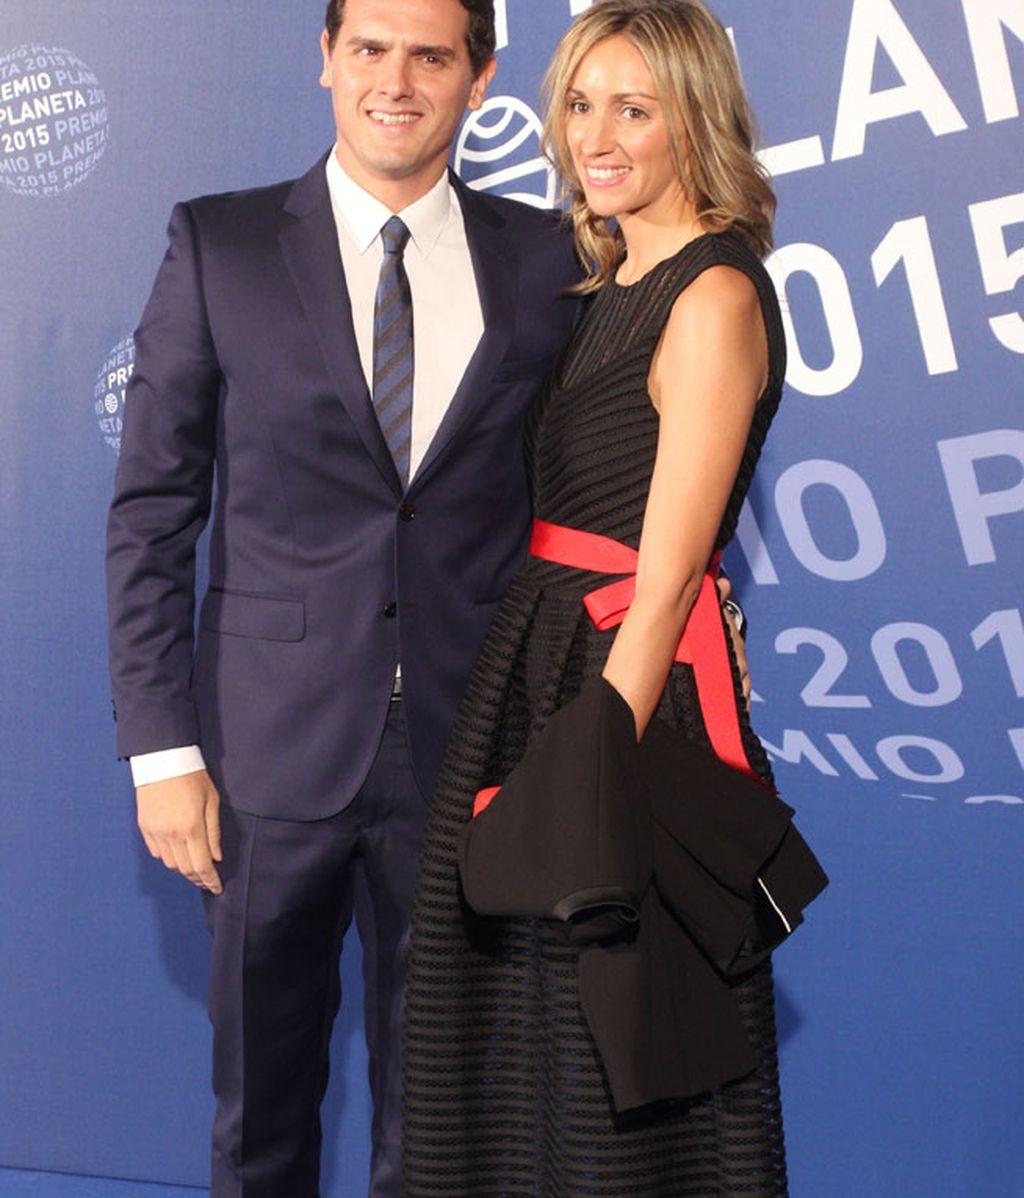 El líder de Ciudadanos, Albert Rivera, junto a su novia Beatriz